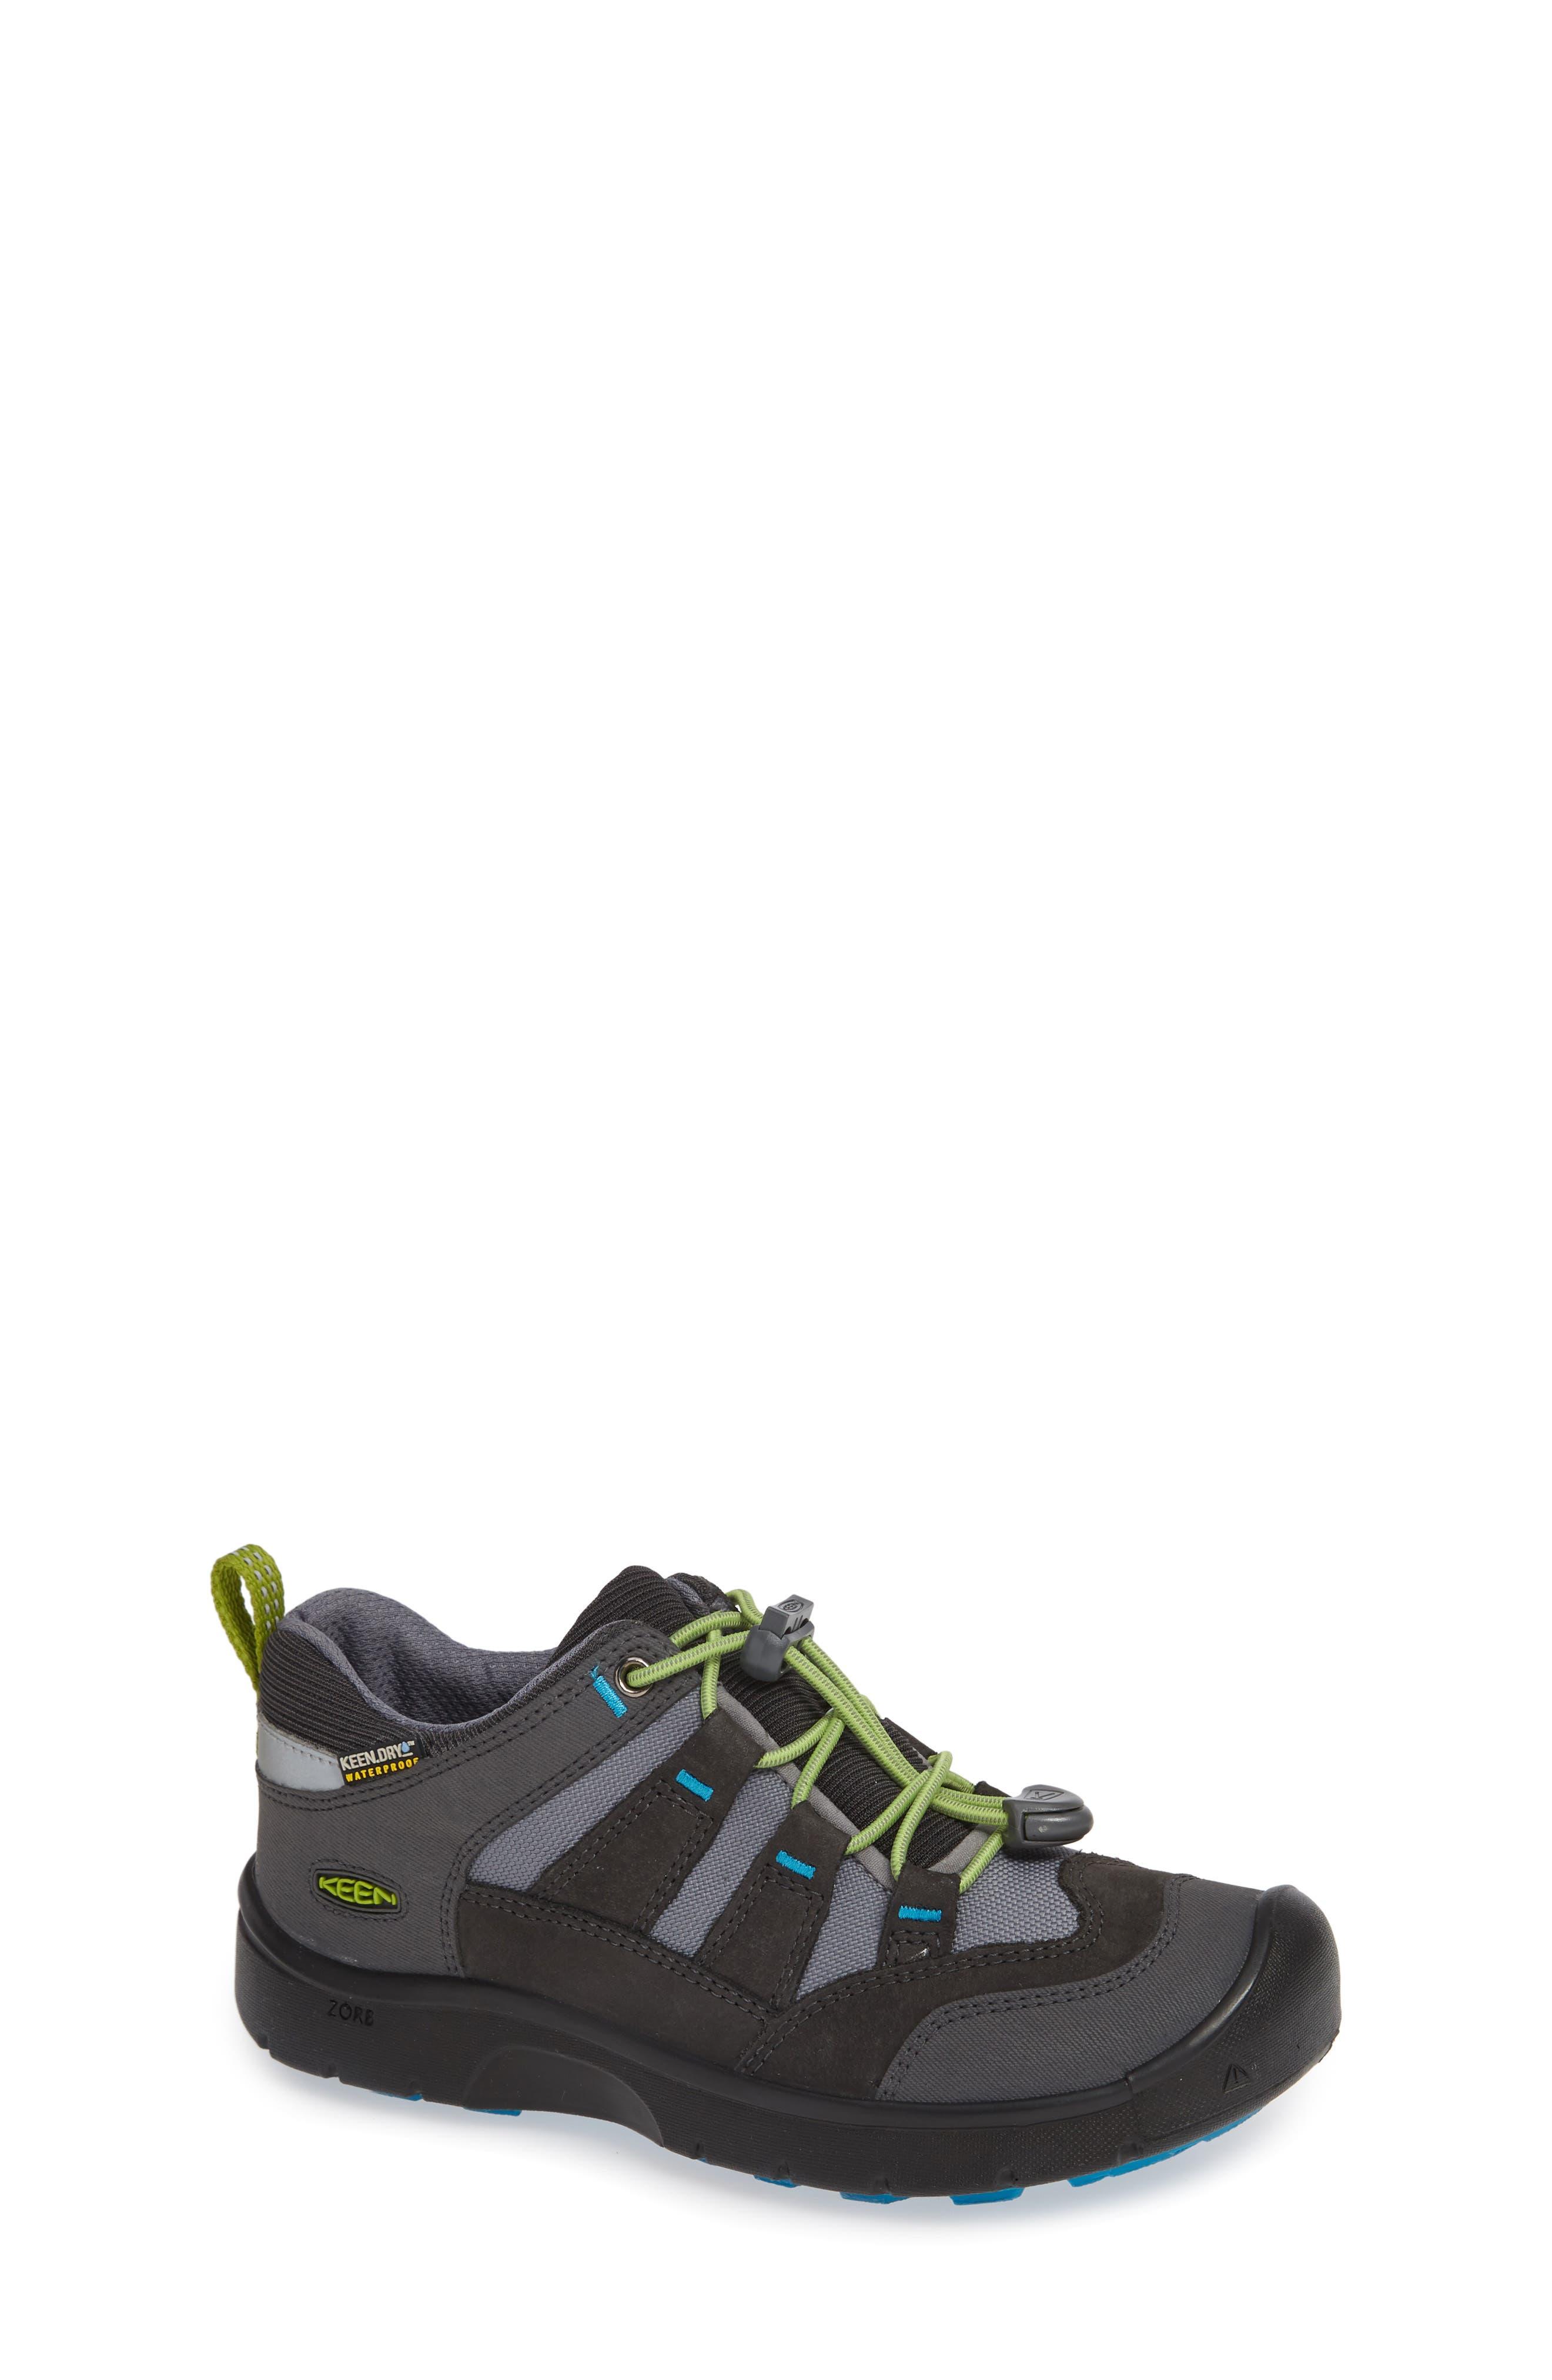 Hikeport Waterproof Sneaker,                         Main,                         color, MAGNET/ GREENERY/ GREENERY